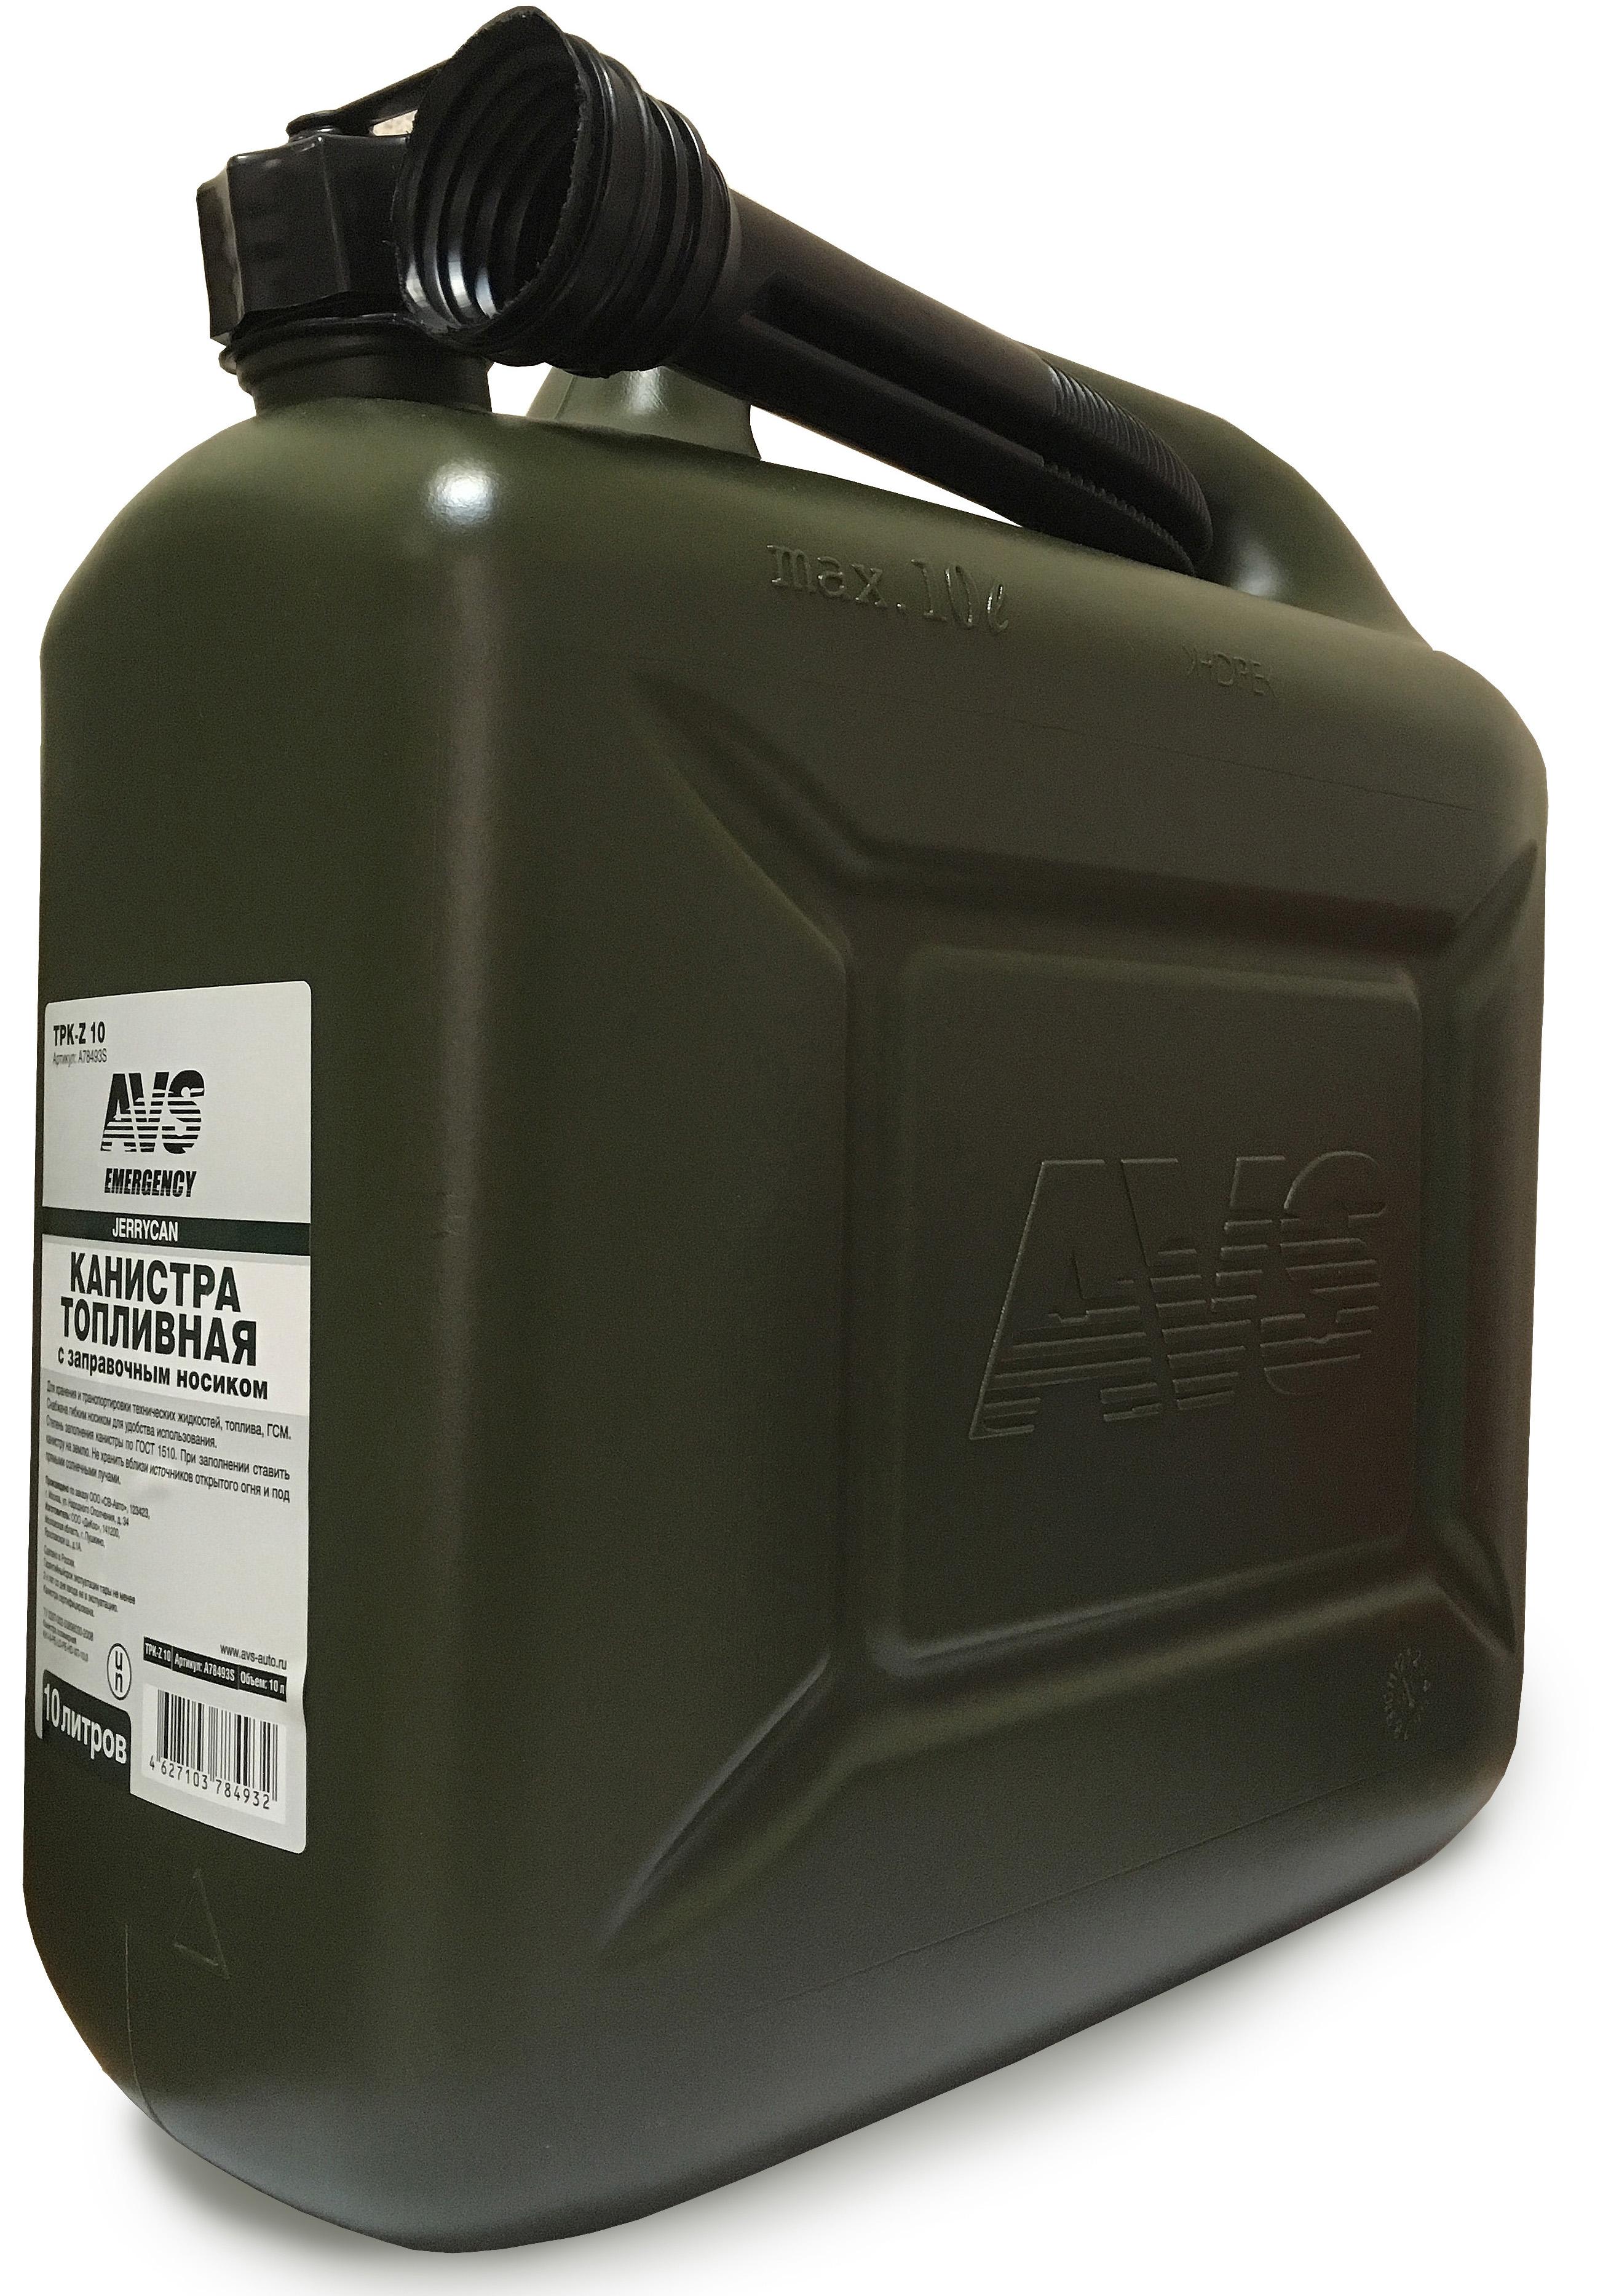 Канистра топливная AVS, цвет: темно-зеленый, 10 лC0042416Канистры пригодны для бензина и масла, не накапливают статистический заряд.